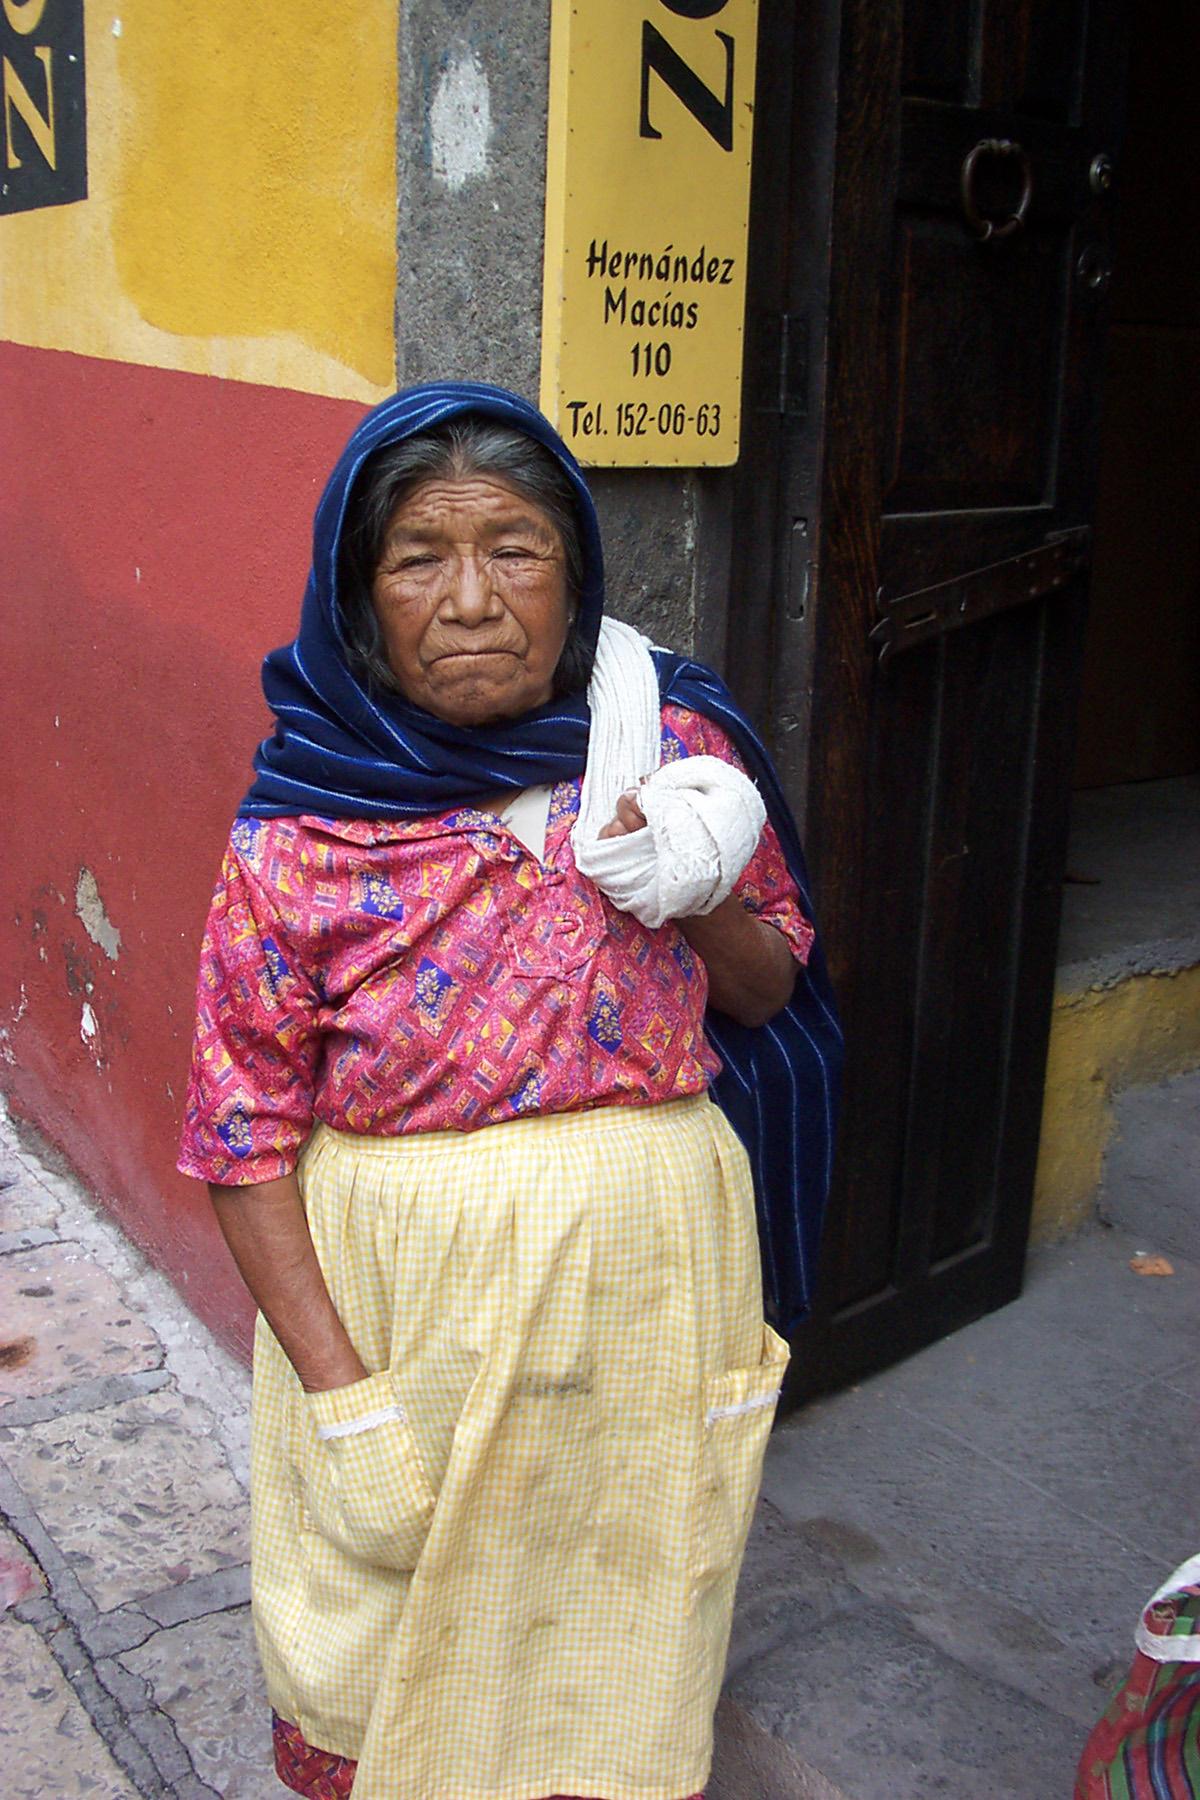 beggar-woman-san-miguel-de-allende-guerro-mexico